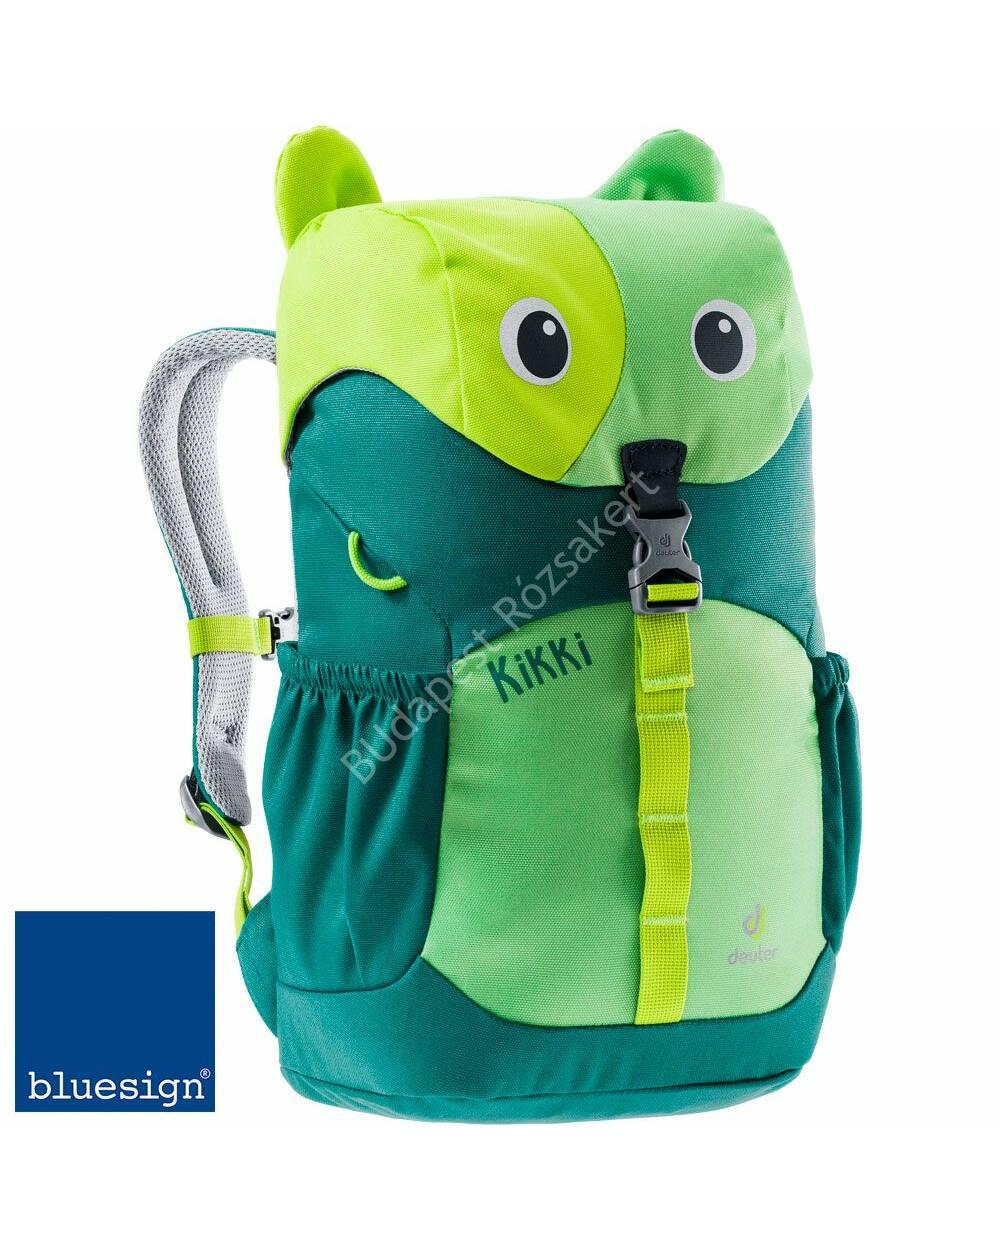 Deuter Kikki gyerek hátizsák 8L, avocado-alpinegreen